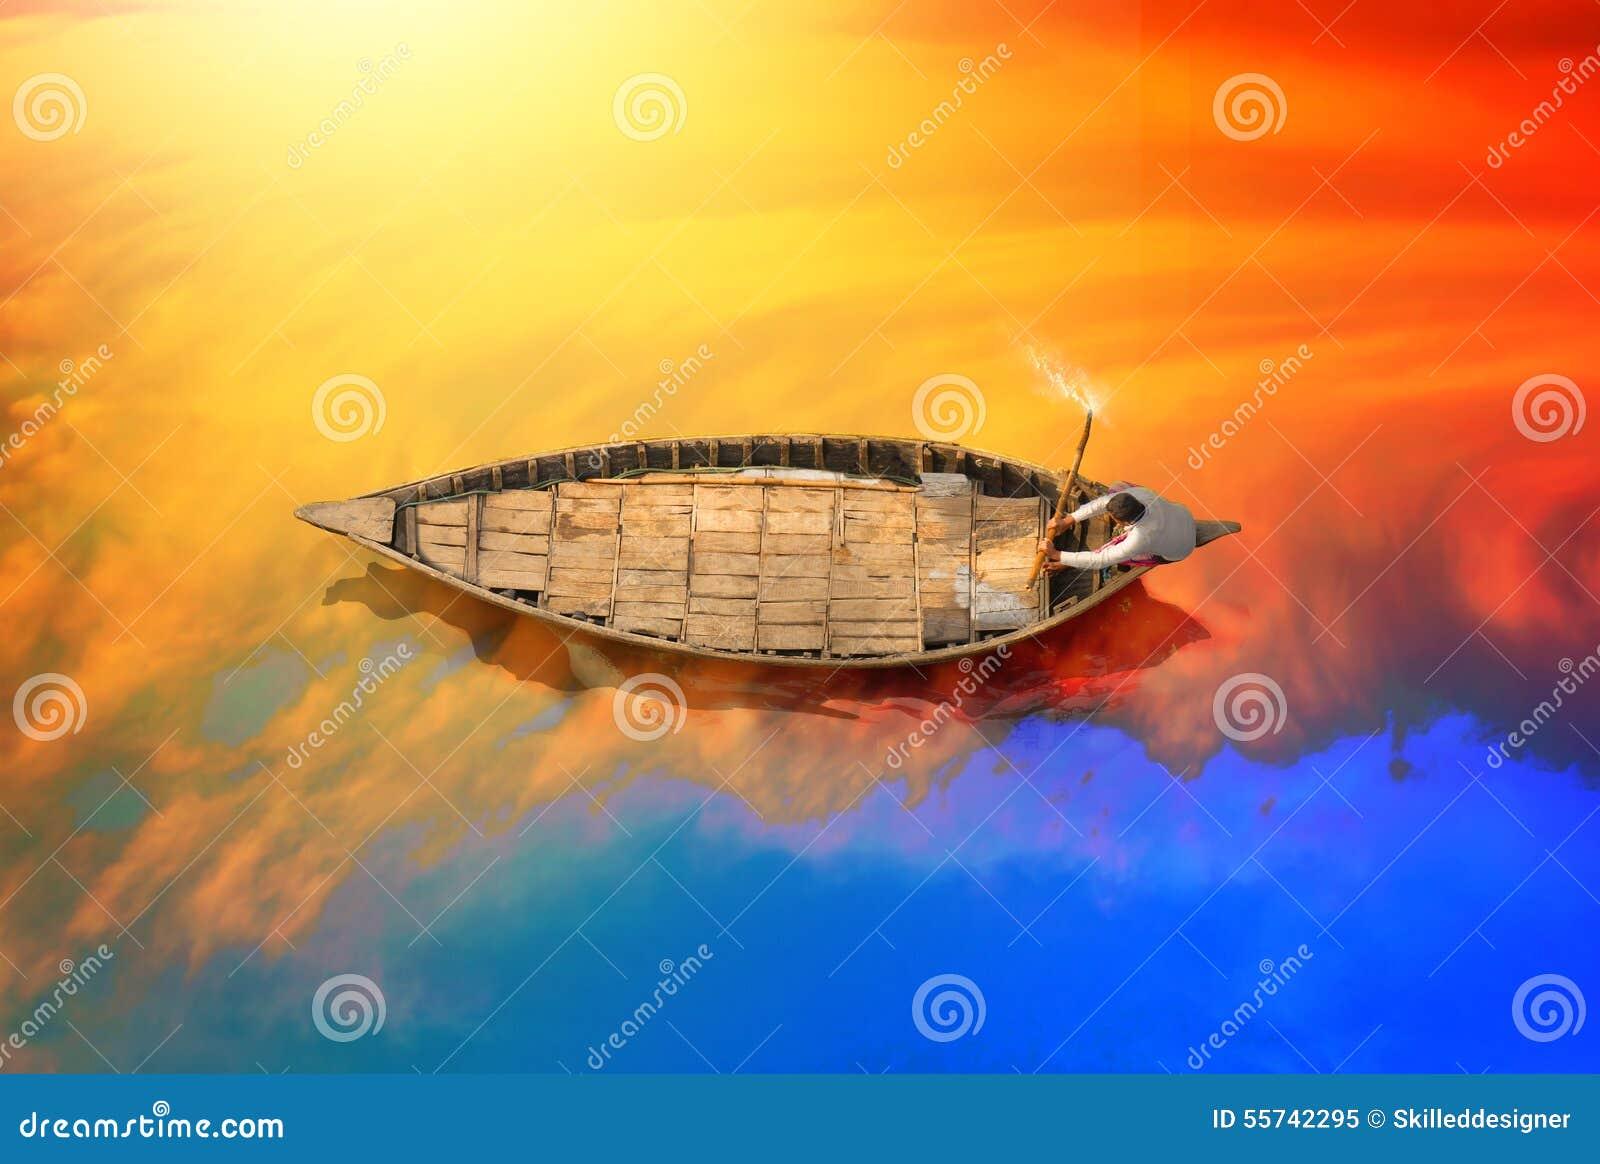 Tradycyjna łódź w Bangladesz